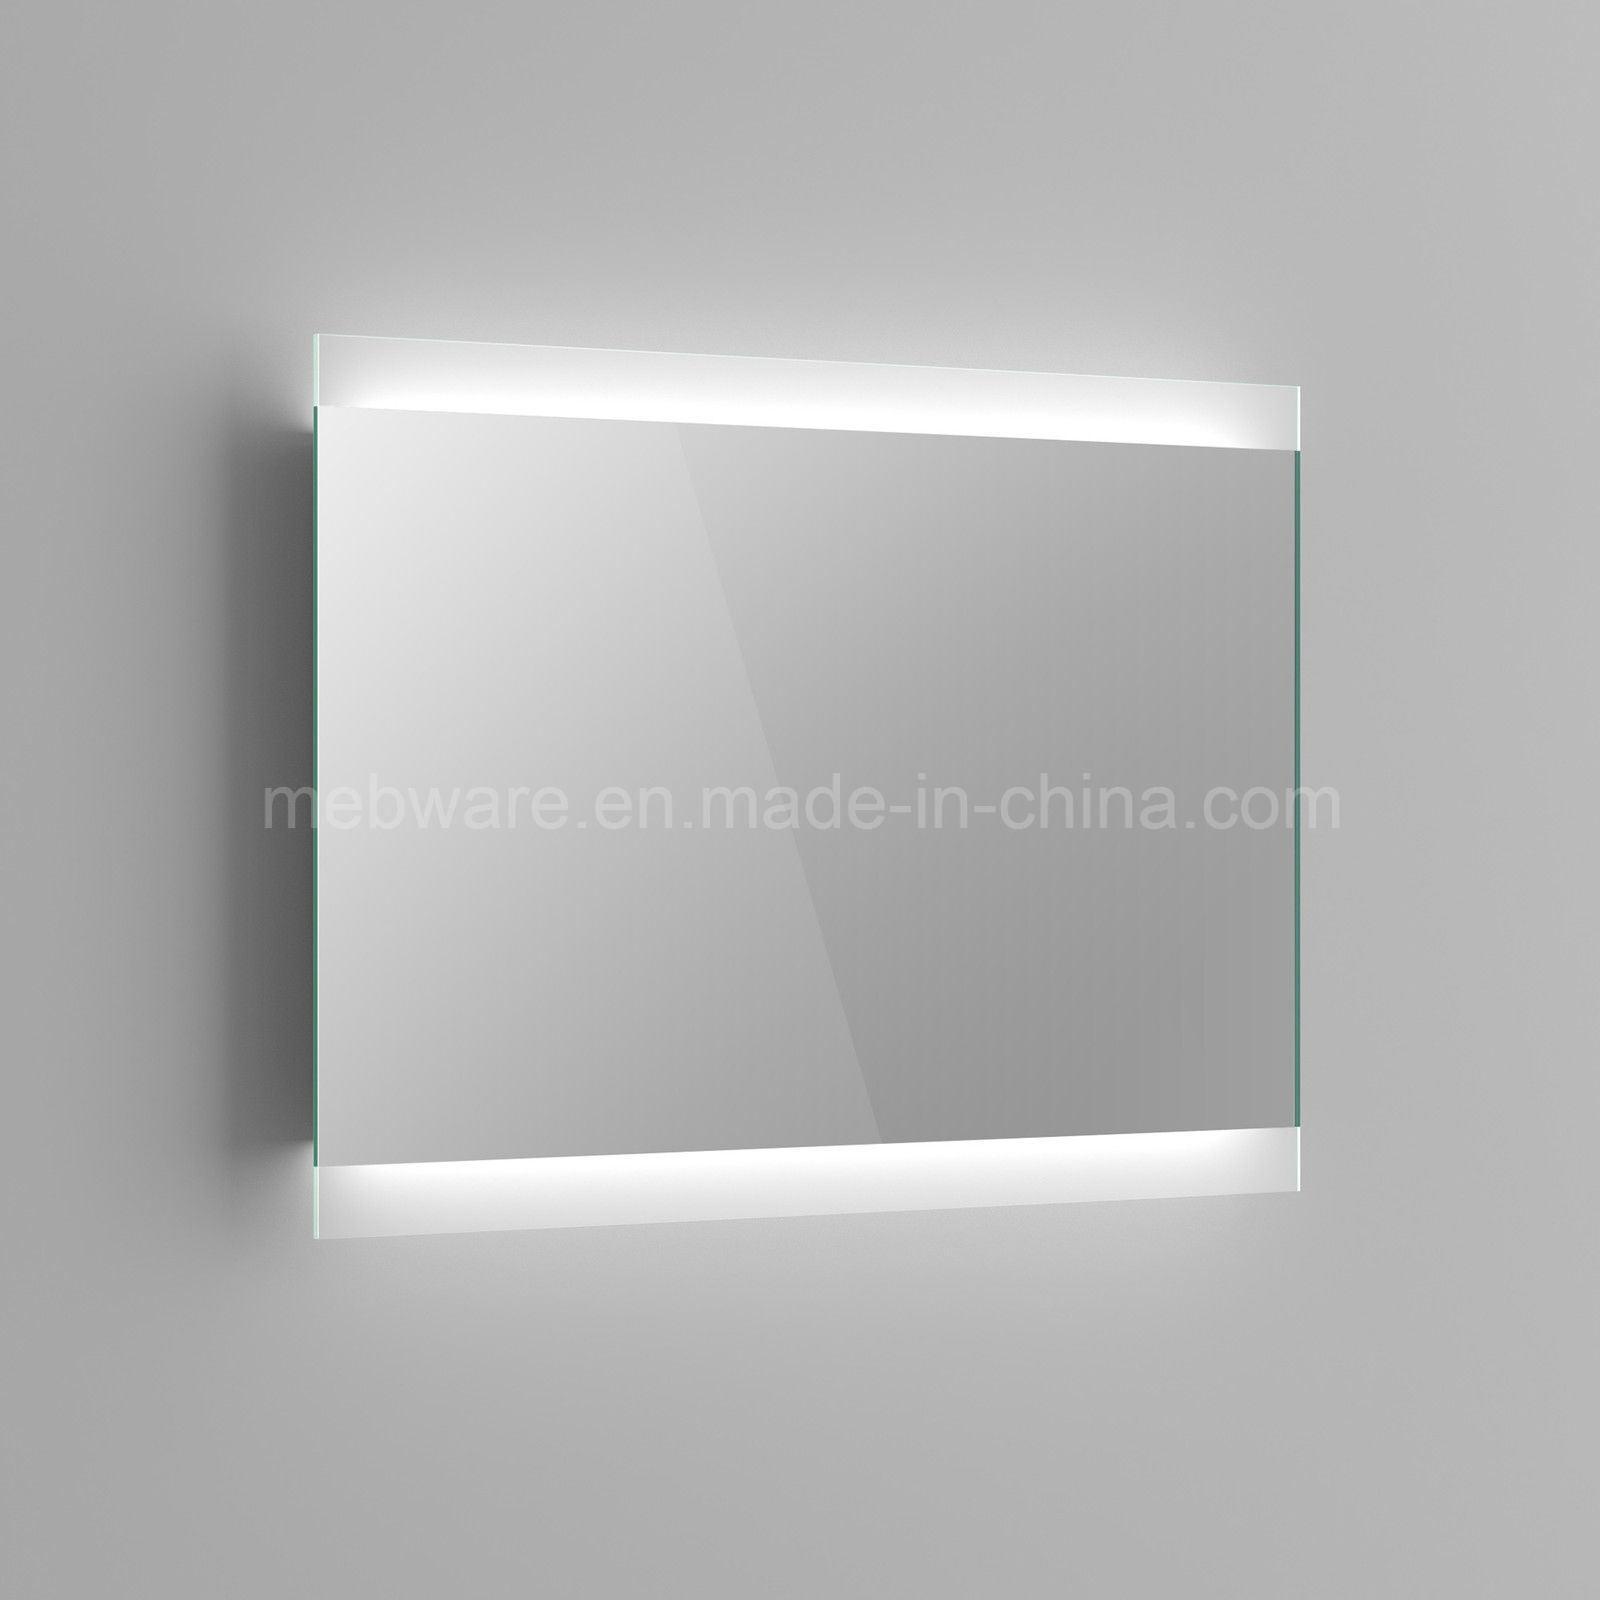 espejo de bao sin marco sensor de luz trasera led espejo caja de luz led